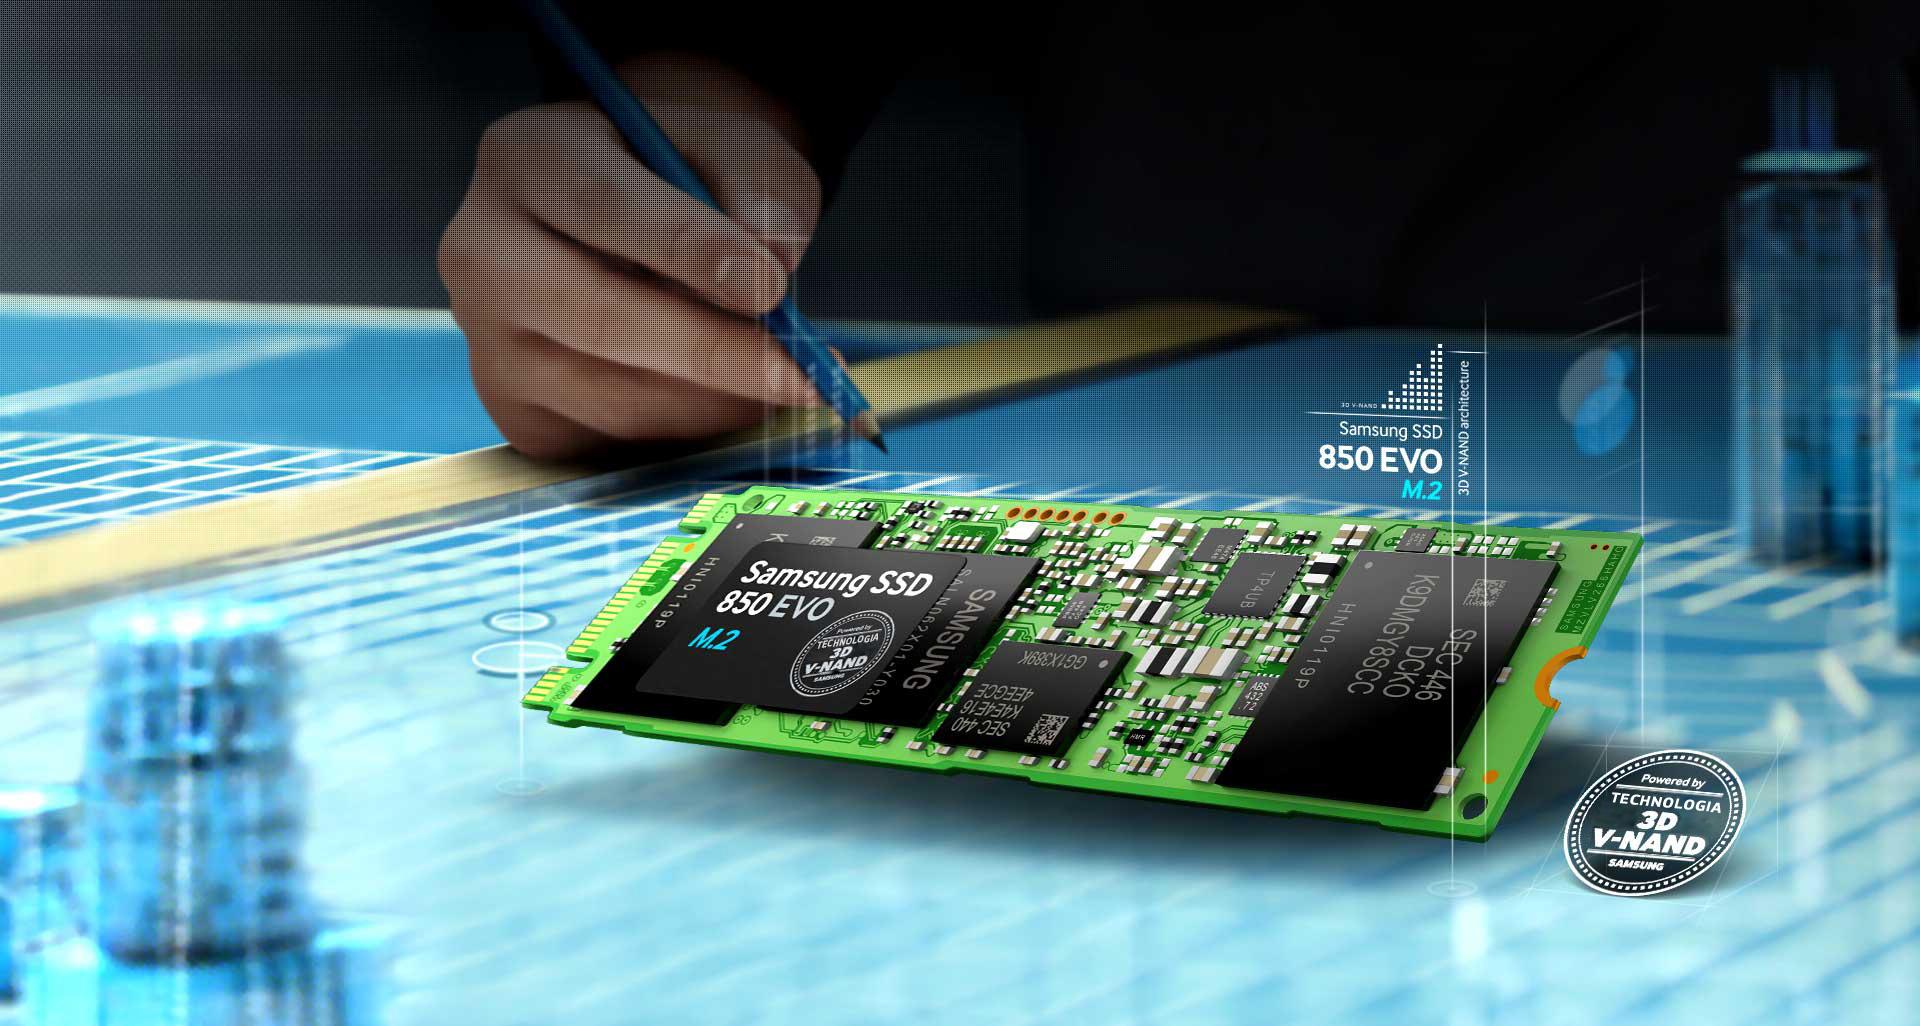 Czym jest 3D V-NAND i czym różni się od istniejącej technologii?